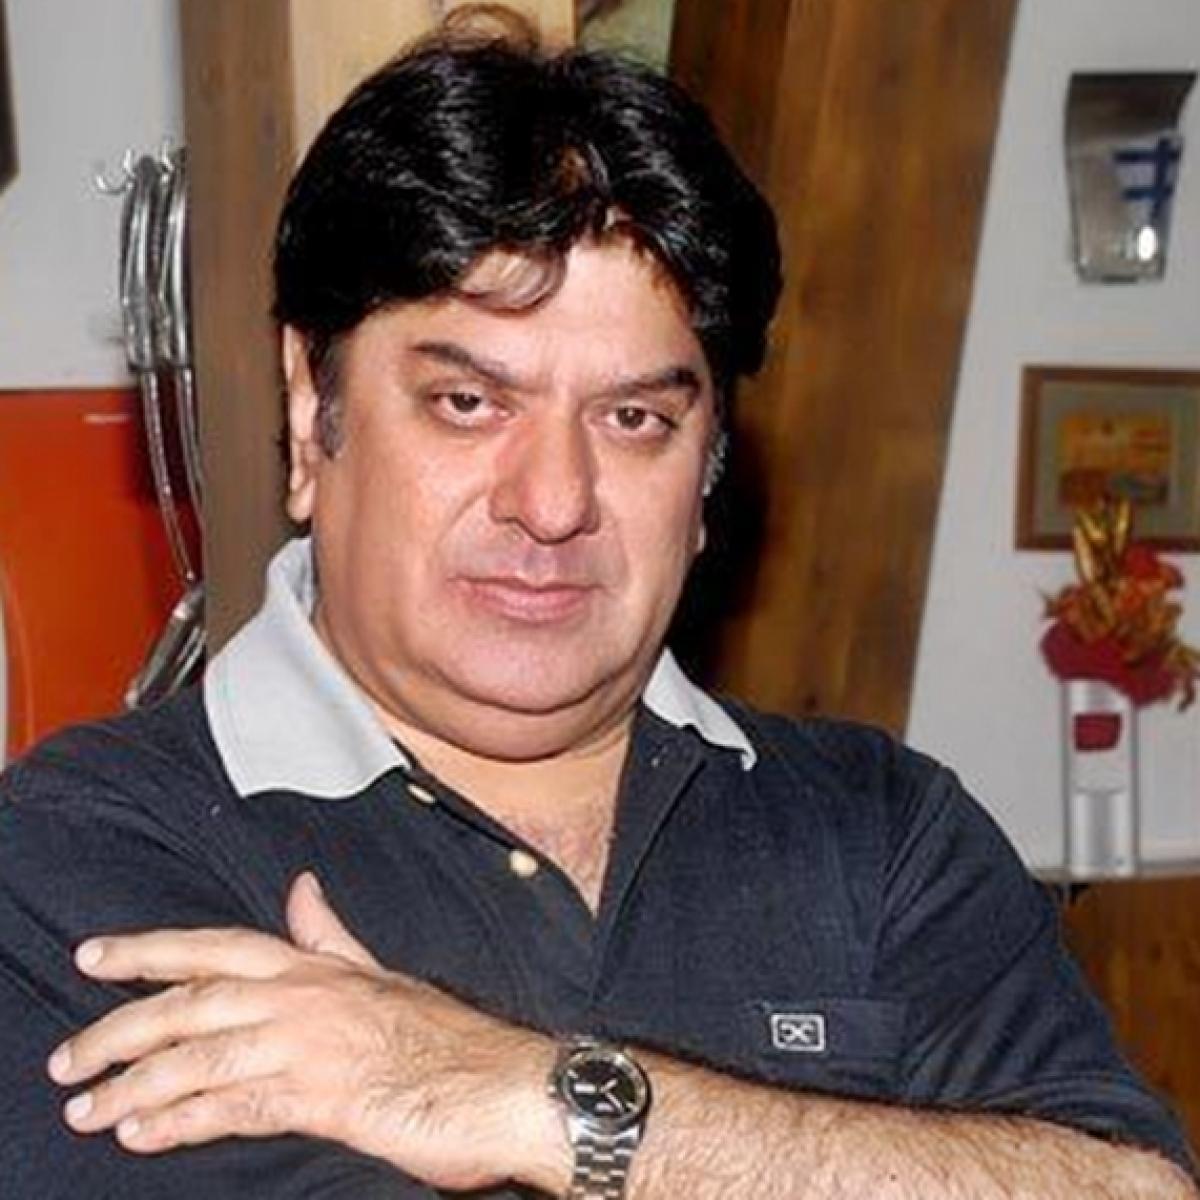 'Purana Mandir' Director Shyam Ramsay dies at 67 in Mumbai hospital